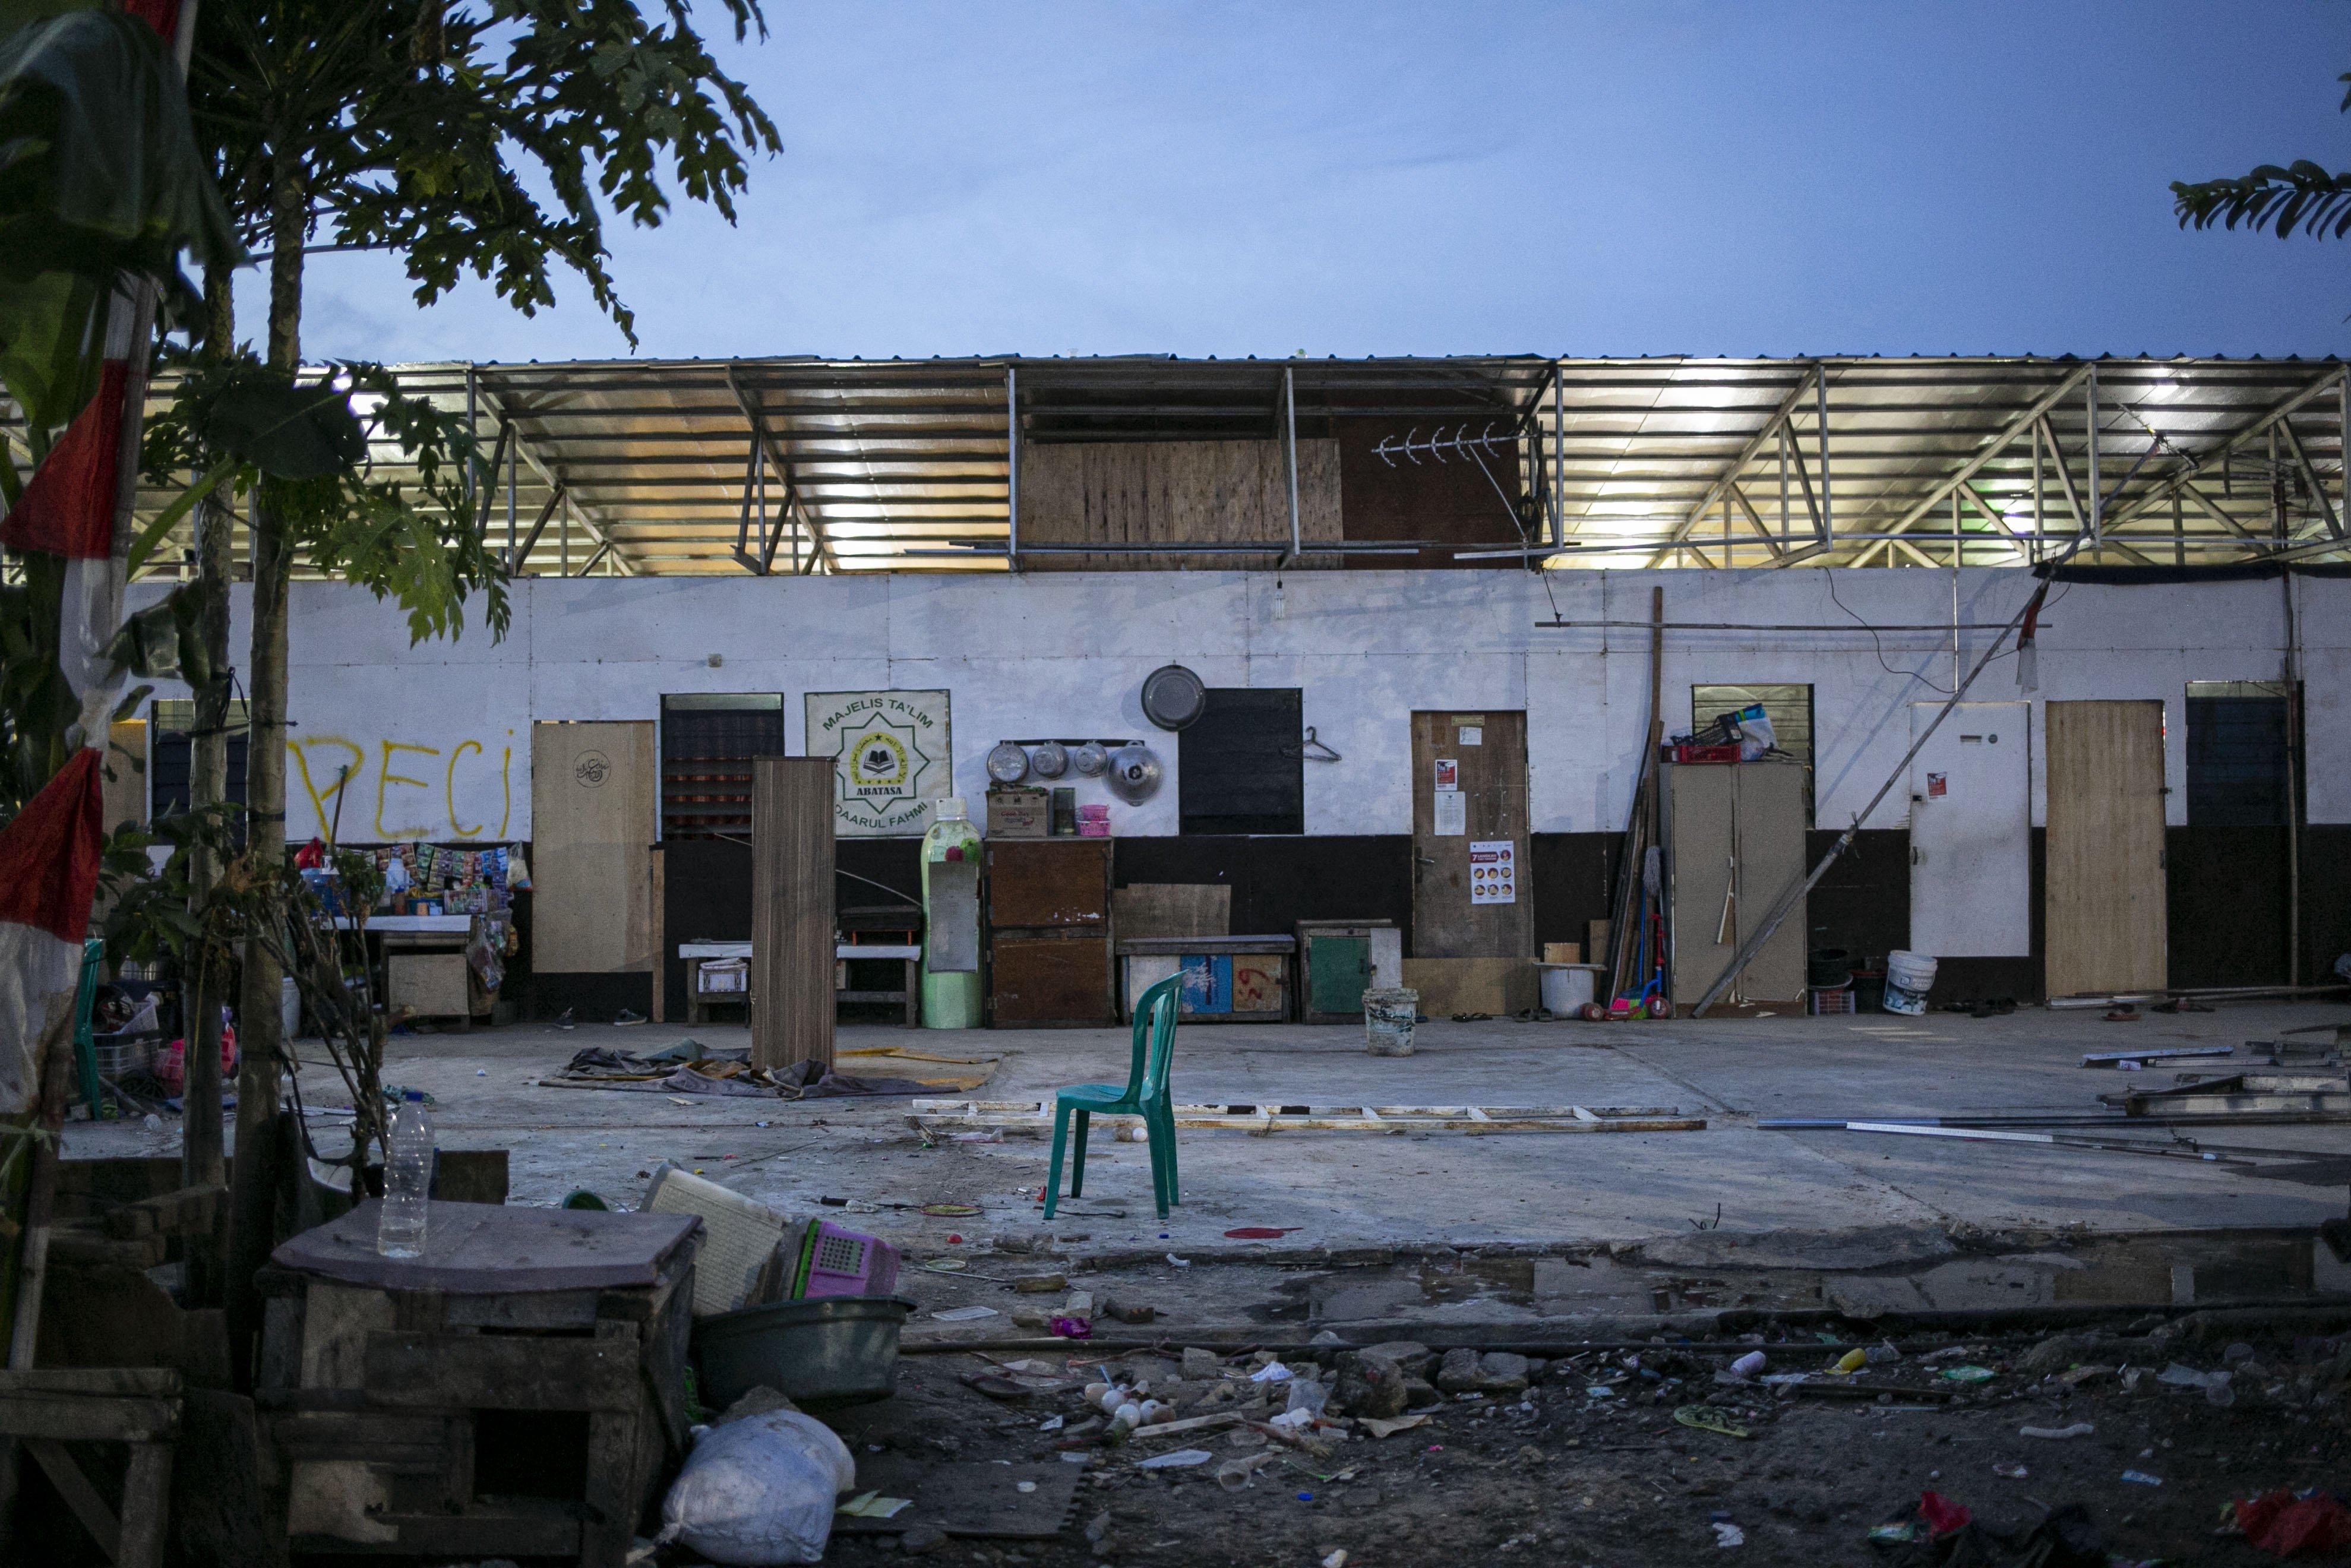 Dalam kolaborasi itu, warga disebutnya telah memberikan desain awal Kampung Akuarium kepada Pemprov DKI untuk diteruskan menjadi desain perencanaan oleh Dinas Perumahan dan Permukiman DKI Jakarta.\r\n